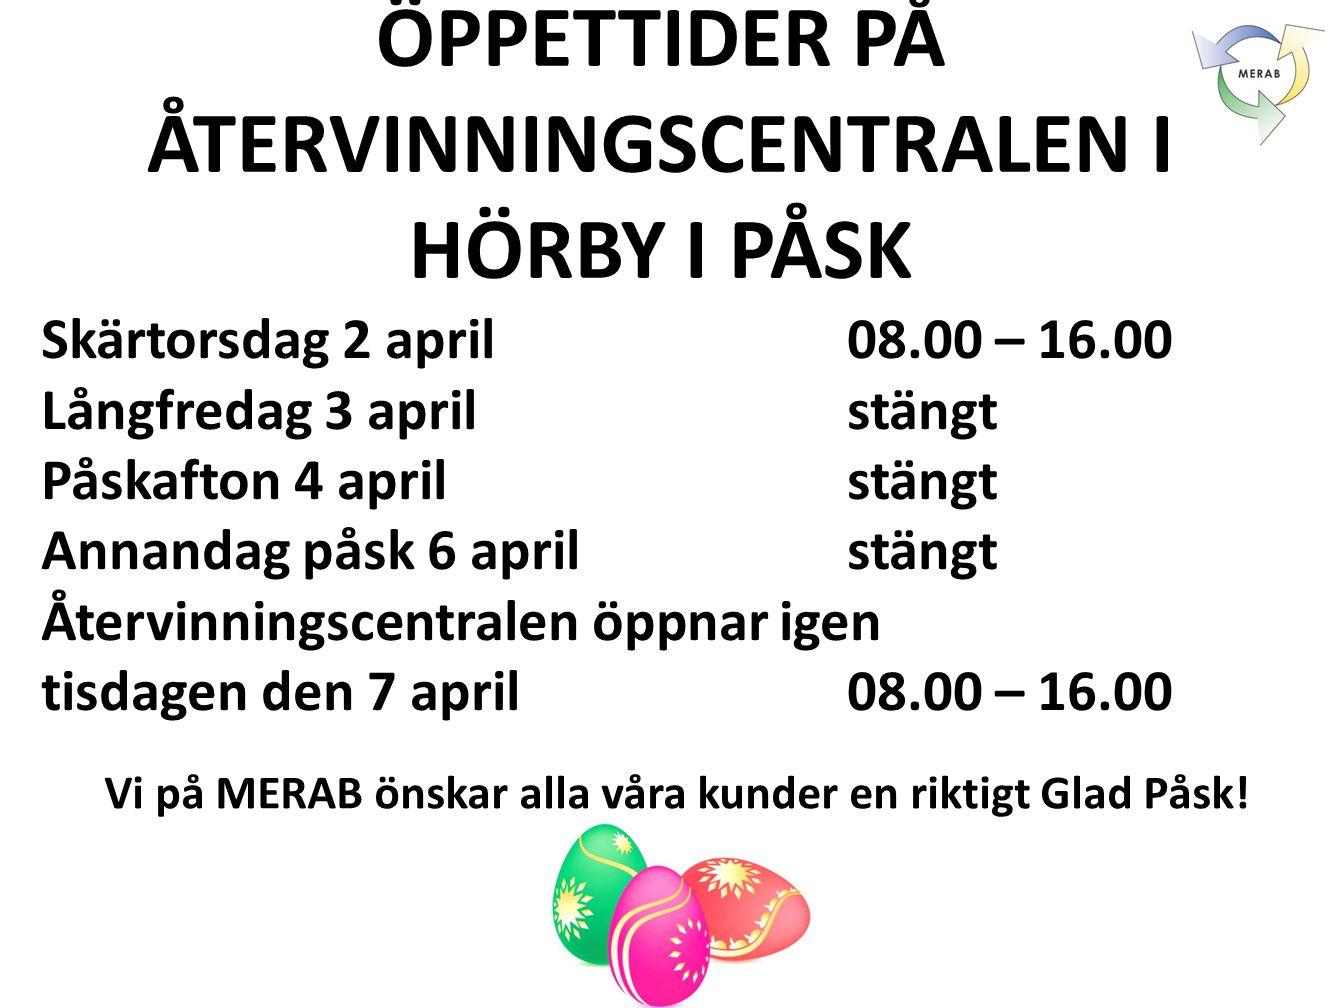 ÖPPETTIDER PÅ ÅTERVINNINGSCENTRALEN I HÖRBY I PÅSK Skärtorsdag 2 april 08.00 – 16.00 Långfredag 3 april stängt Påskafton 4 aprilstängt Annandag påsk 6